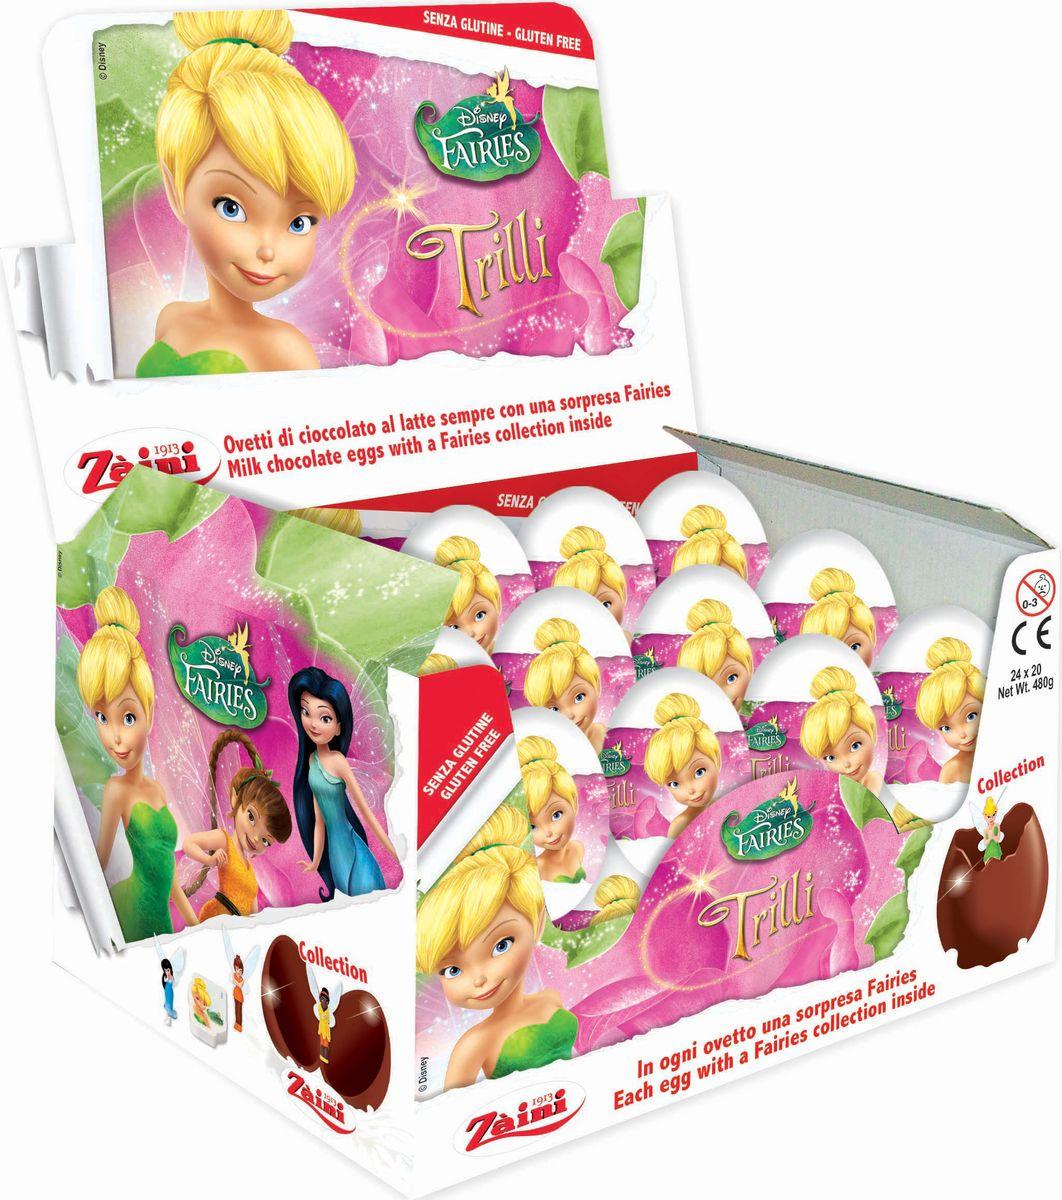 Disney Феи шоколадное яйцо с игрушкой,24 шт по 20 г8004735031935Представьте крошечный мир, самый прекрасный из всех возможных, с богатством красок и захватывающими дух персонажами. Добавьте к этому бесконечное множество миниатюрных фей в красочной одежде из цветочных лепестков и переливающихся паутинок. Украсьте нарисованную в воображении картинку сияющей россыпью пыльцы и перед вами мир фей Дисней — Динь-Динь, Прилы, Рани, Бек, Фиры, Бесс и Лили.Коробка состоит из 24 шоколадных яиц, каждое яйцо из натурального бельгийского шоколада, внутри сюрприз - игрушка и вкладыш с описанием героя. В коллекции представлено 15 разных коллекционных игрушек героев любимого мультфильма Дисней Феи.Только коллекционные игрушки!Найди всех любимых героев мультсериала и собери коллекцию!